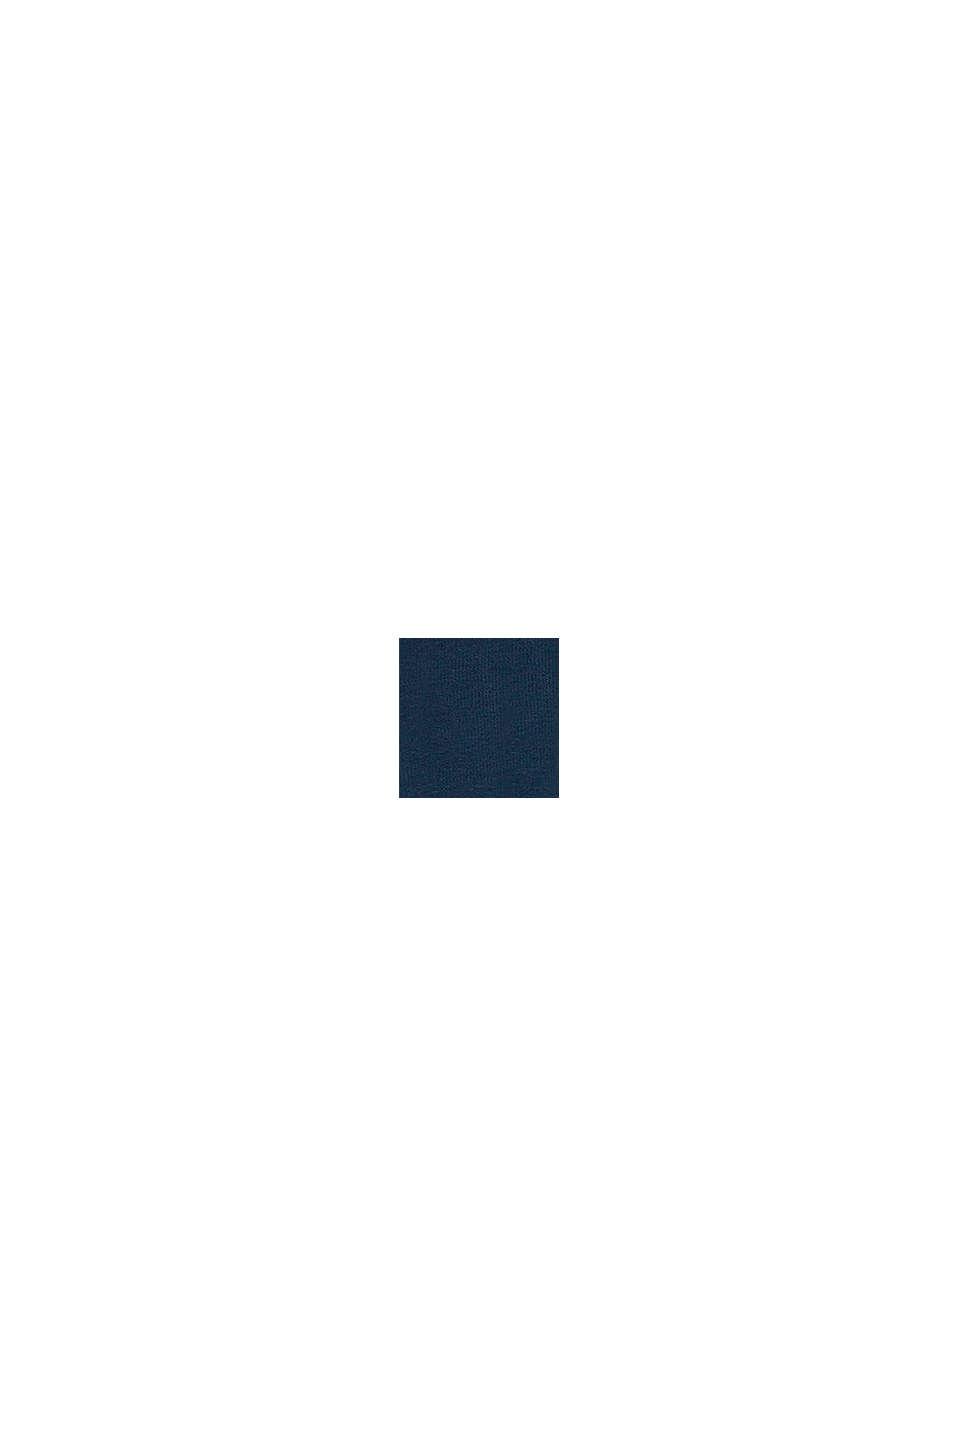 Camiseta en 100% algodón con rótulo, PETROL BLUE, swatch